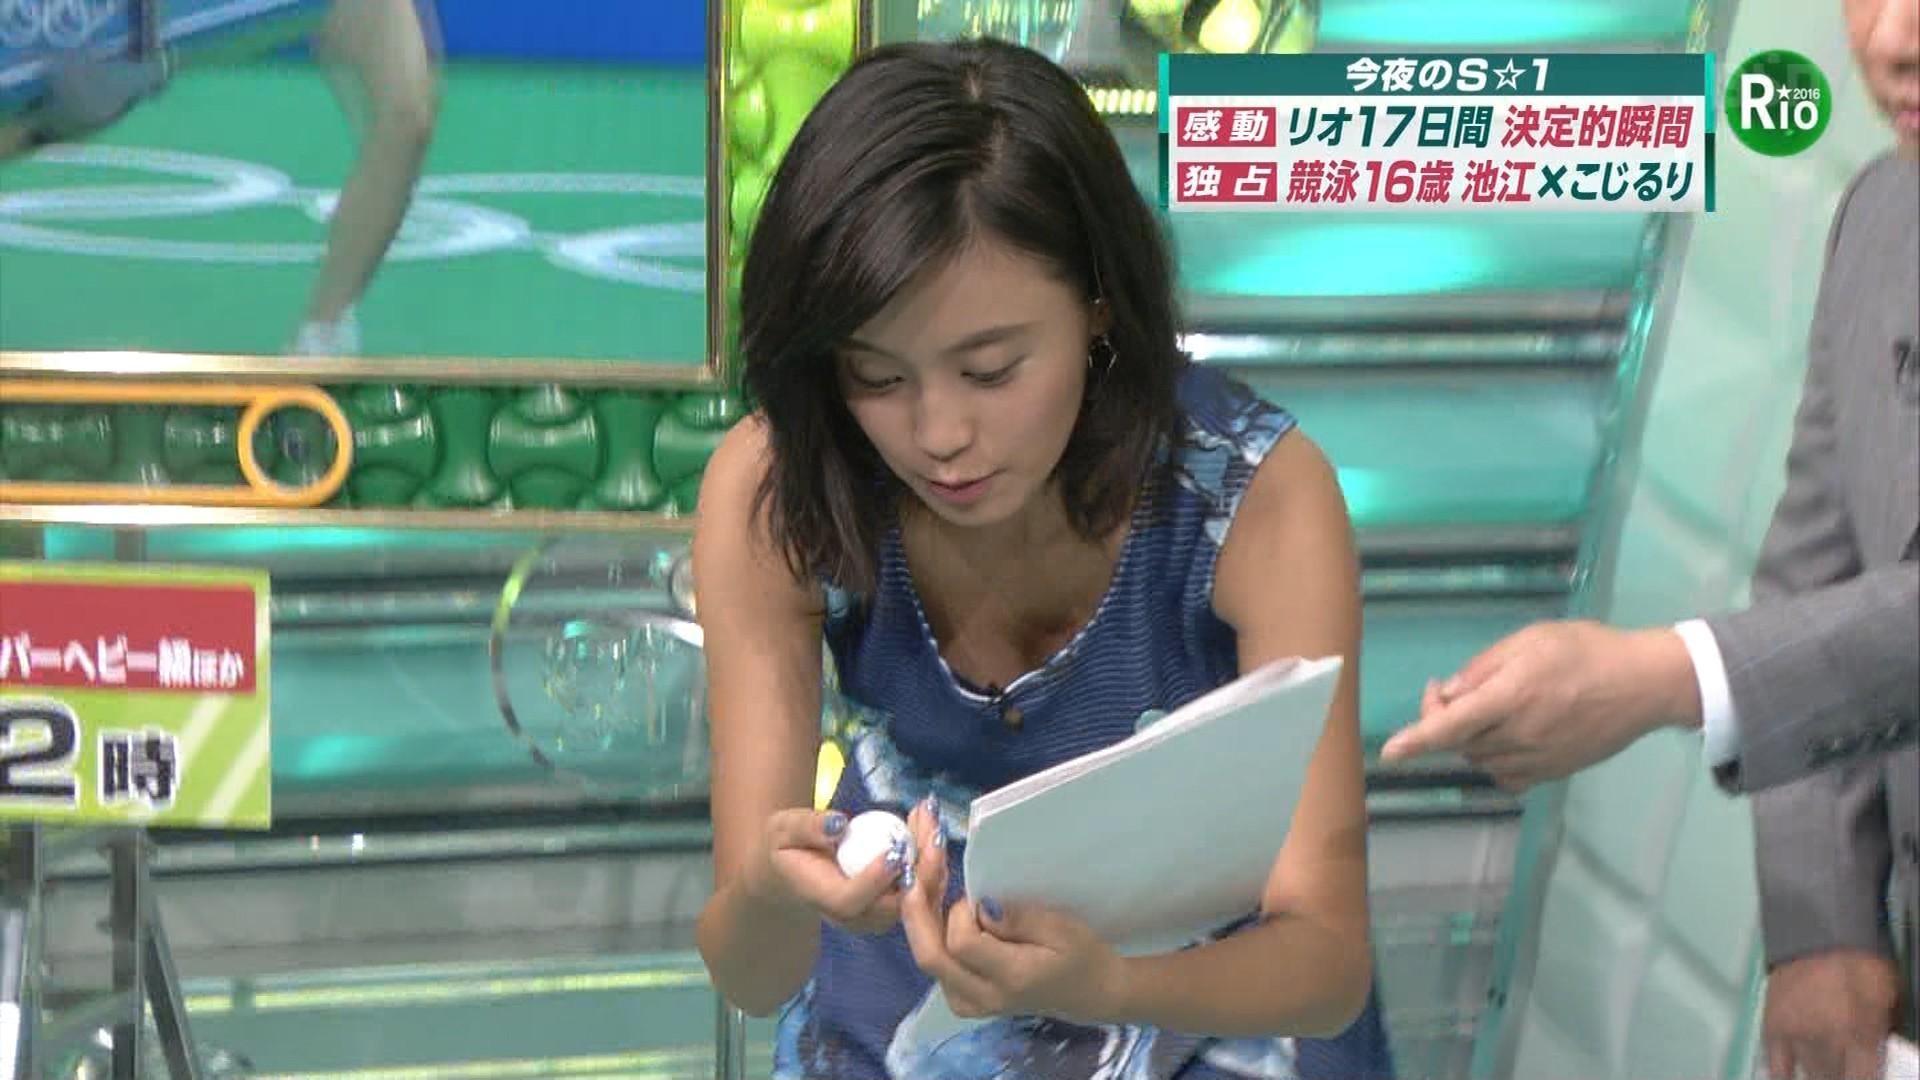 小島瑠璃子が「S☆1」で胸チラ・ブラチラ・谷間チラ☆☆wwwwwwwwwwwwww